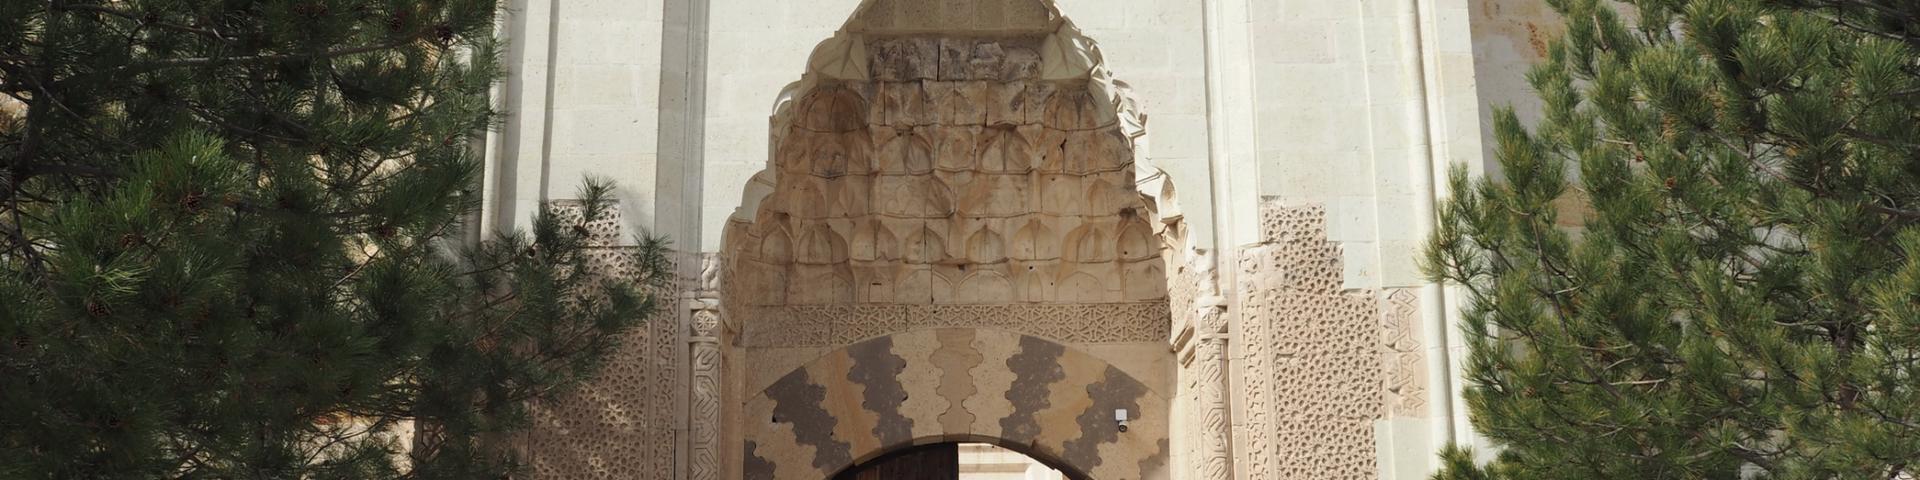 sarihan karavanestation i kappadokien, sarihan karavanestation i cappadocia, saruhan karavanestation, oplevelser i kappadokien, seværdigheder i kappadokien, oplevelser i avanos, seværdigheder i avanos, karavanestationer i tyrkiet